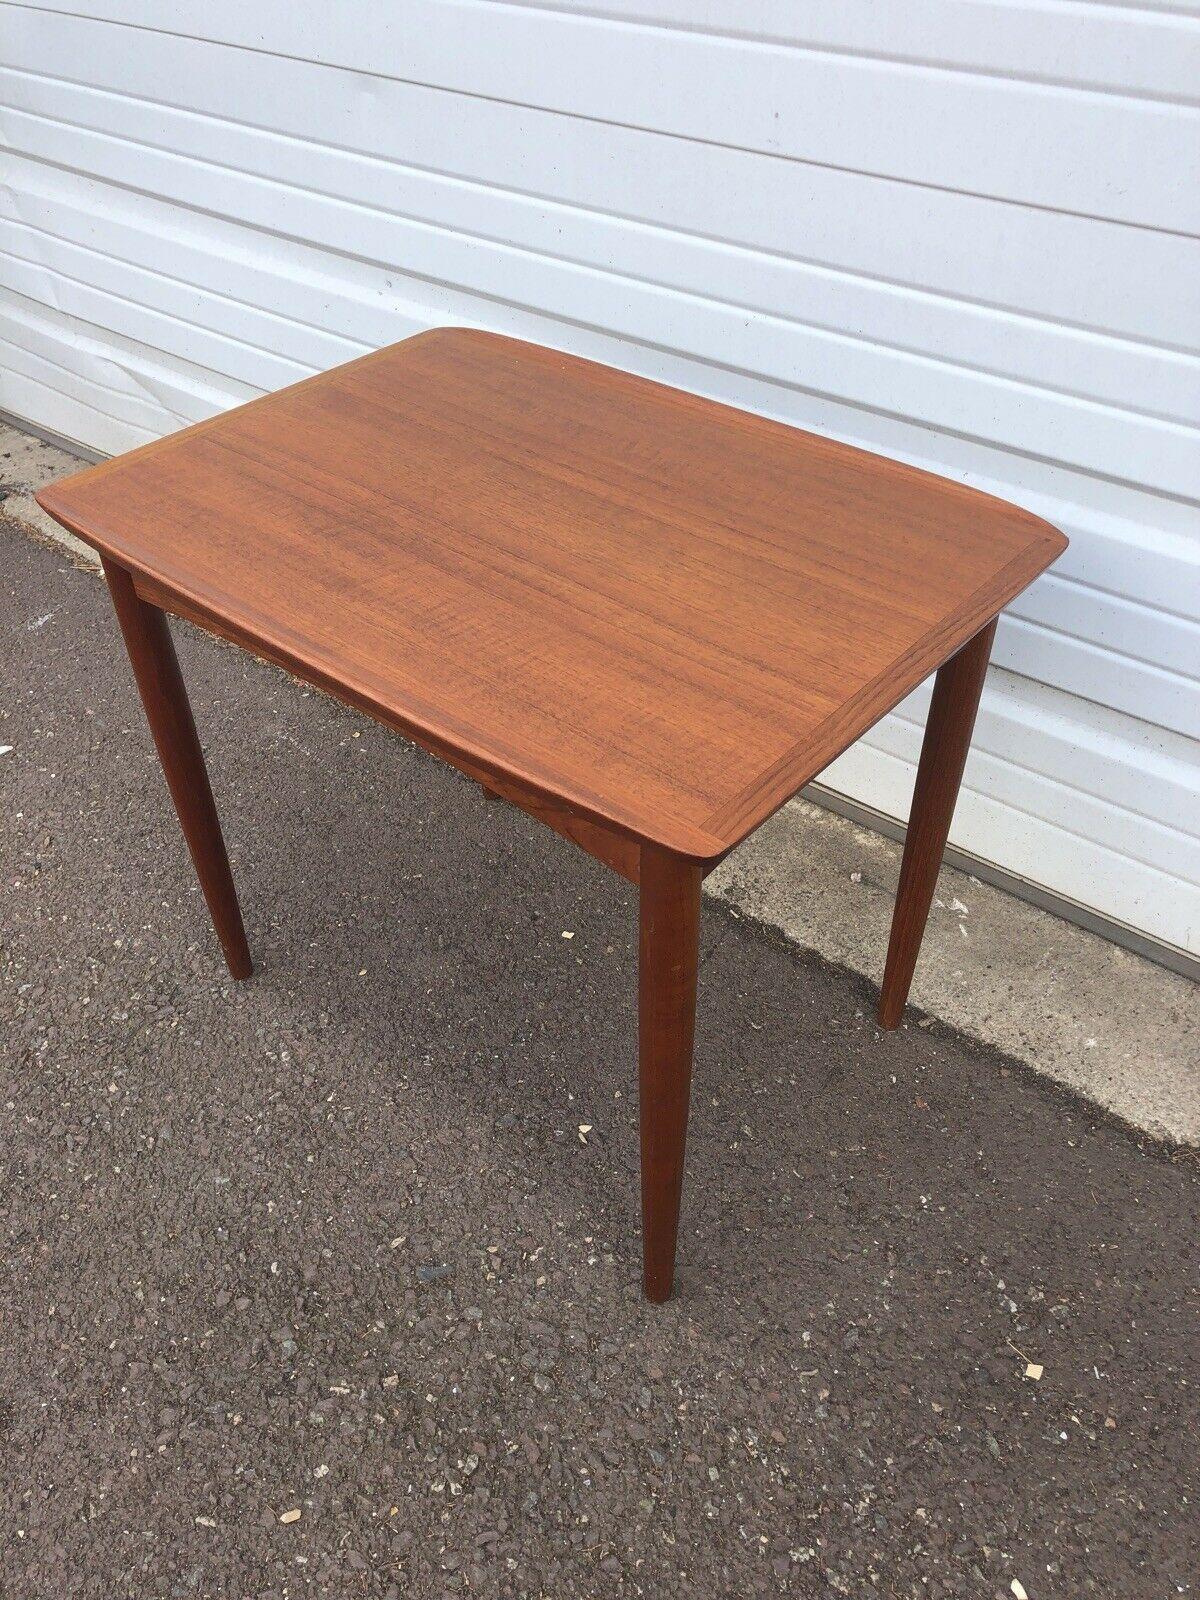 Vintage Mid Century Modern Danish Modern Teak Wood Side Table Mobelintarsia Ebay Teak Wood Side Table Side Table Wood Teak Wood [ 1600 x 1200 Pixel ]